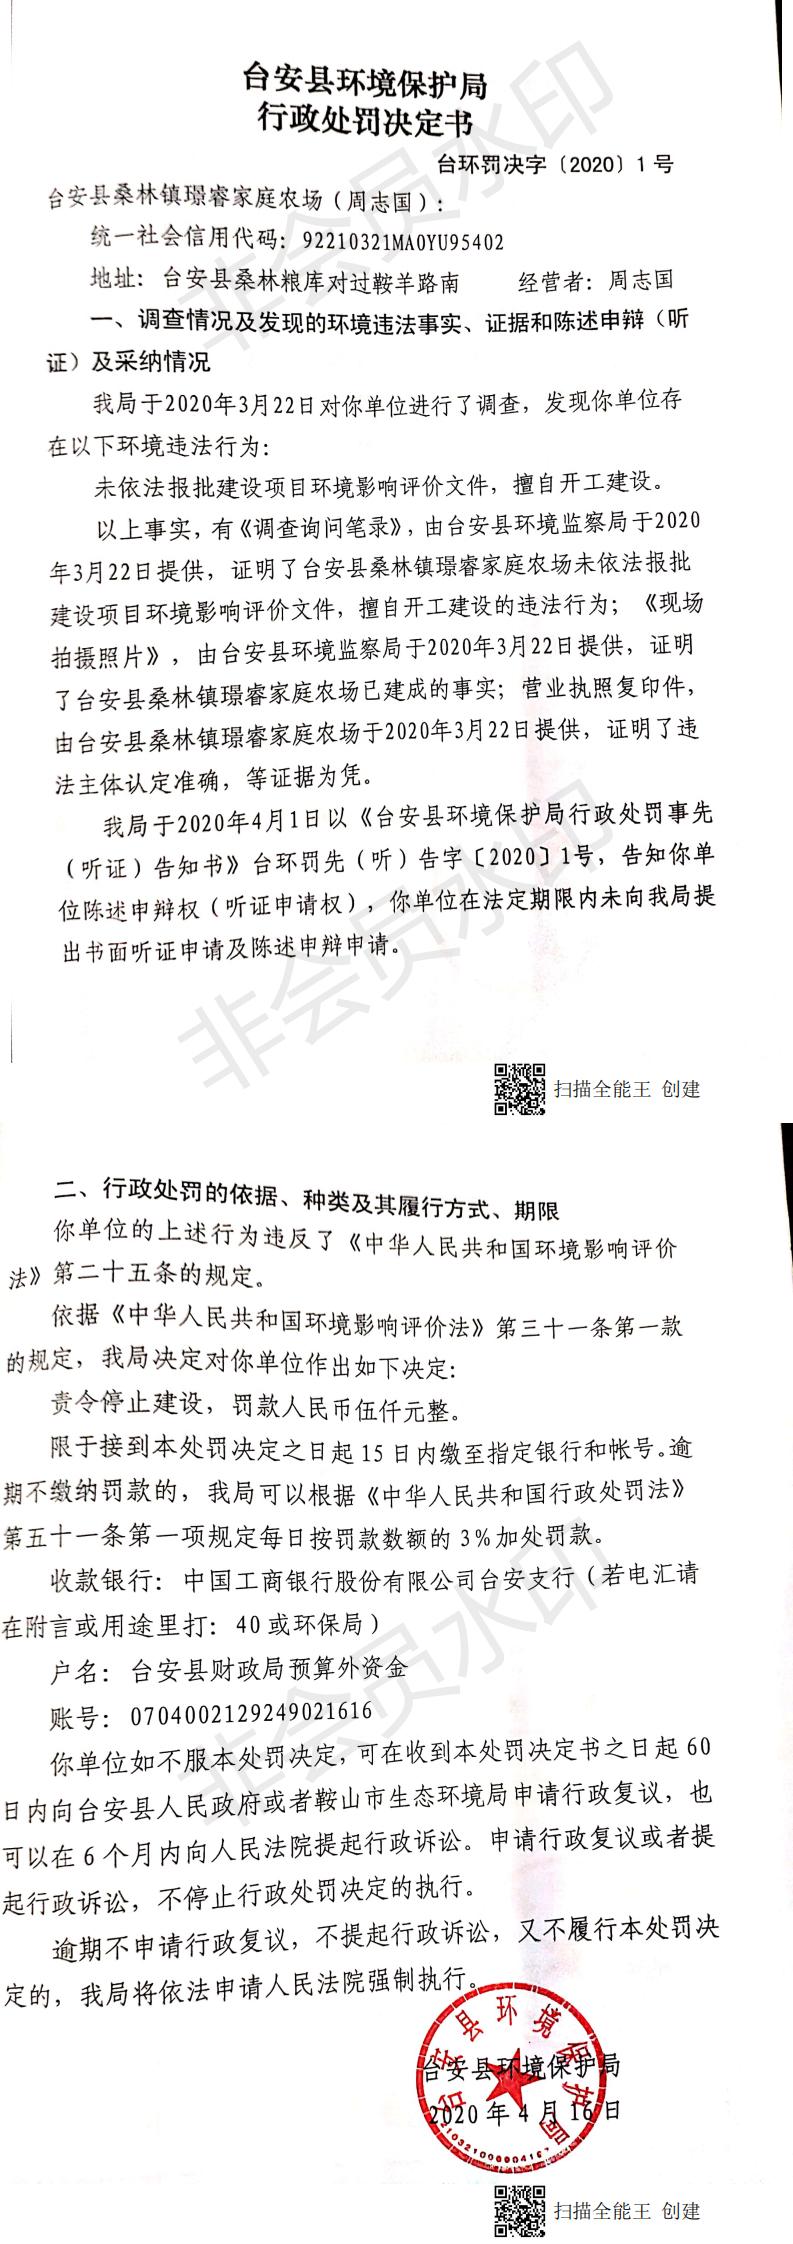 台安县桑林镇璟睿家庭农场行政处罚决定书_0.png